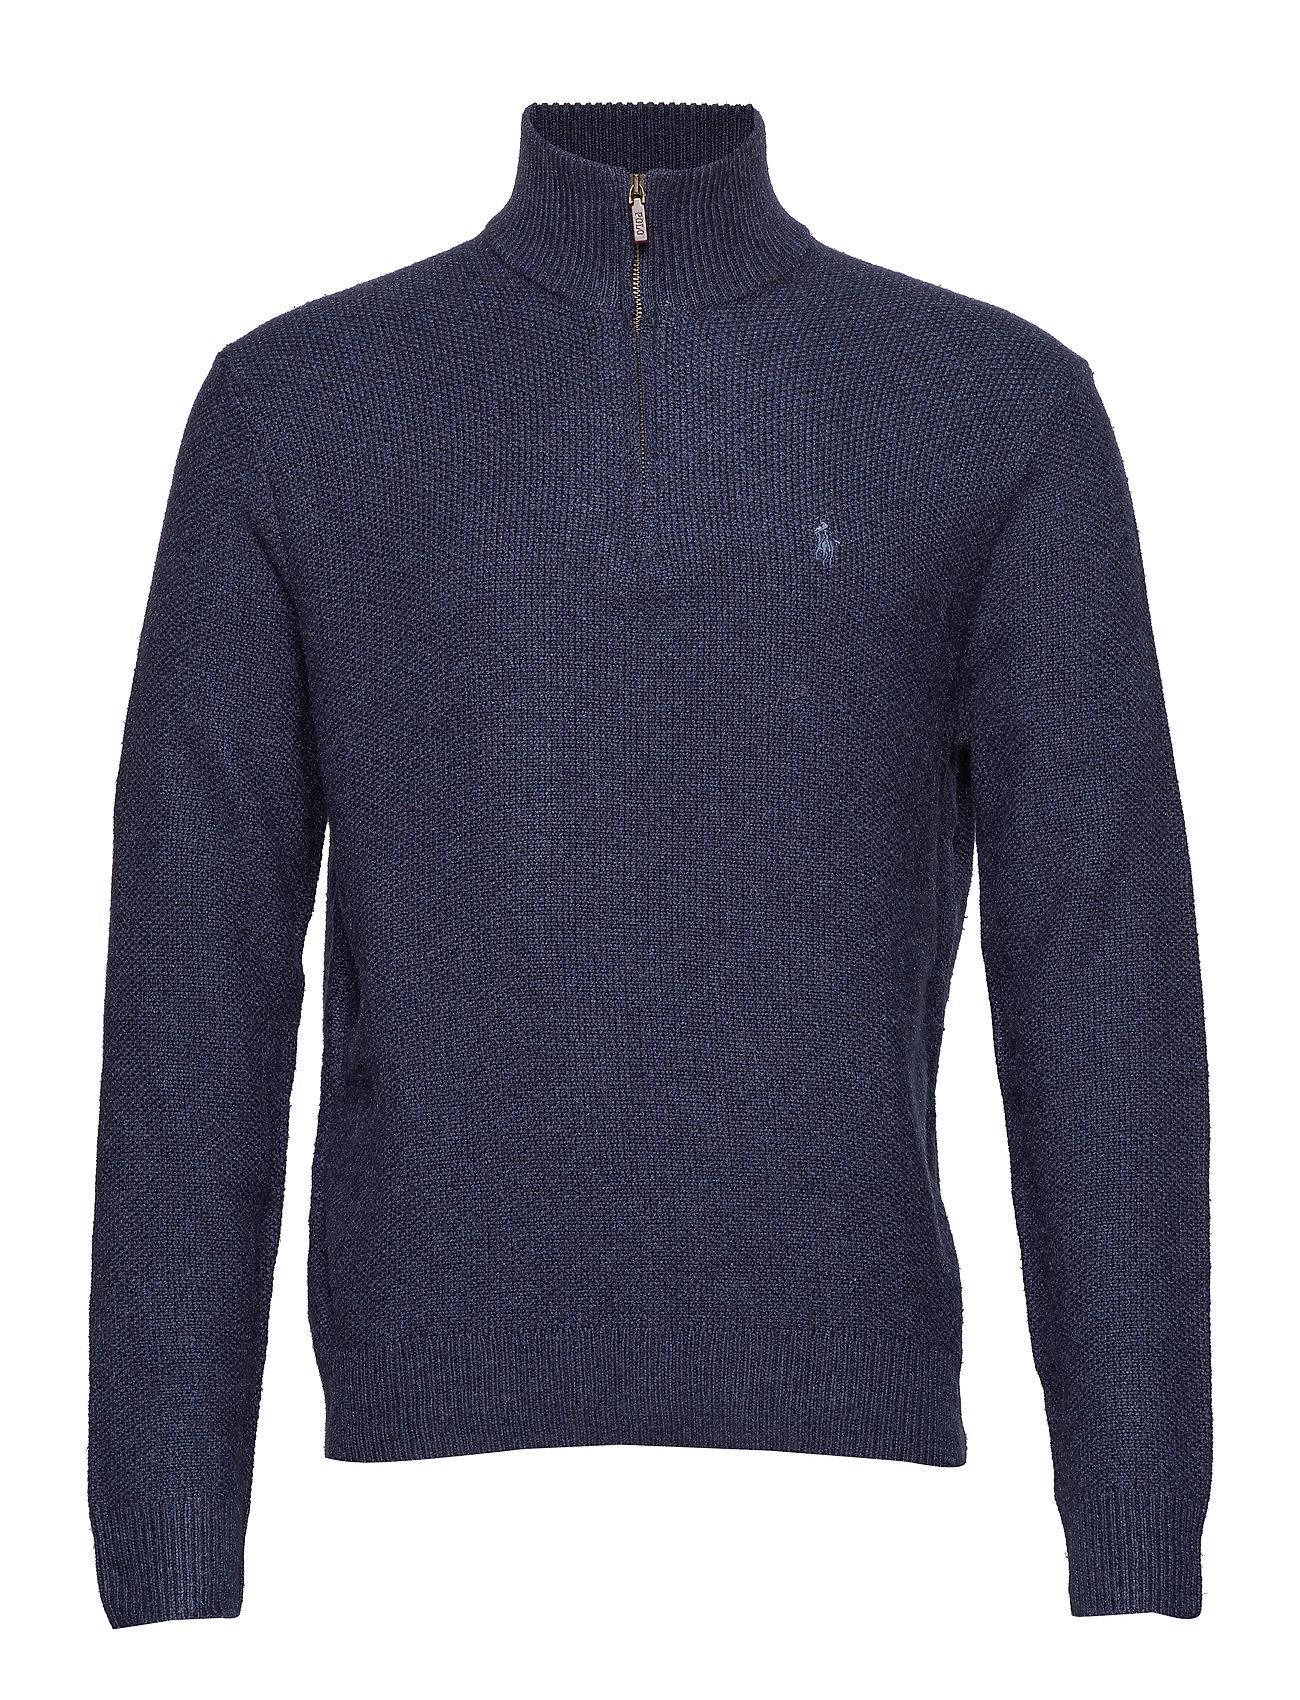 Polo Ralph Lauren Tussah Silk Half-Zip Sweater - NAVY HEATHER